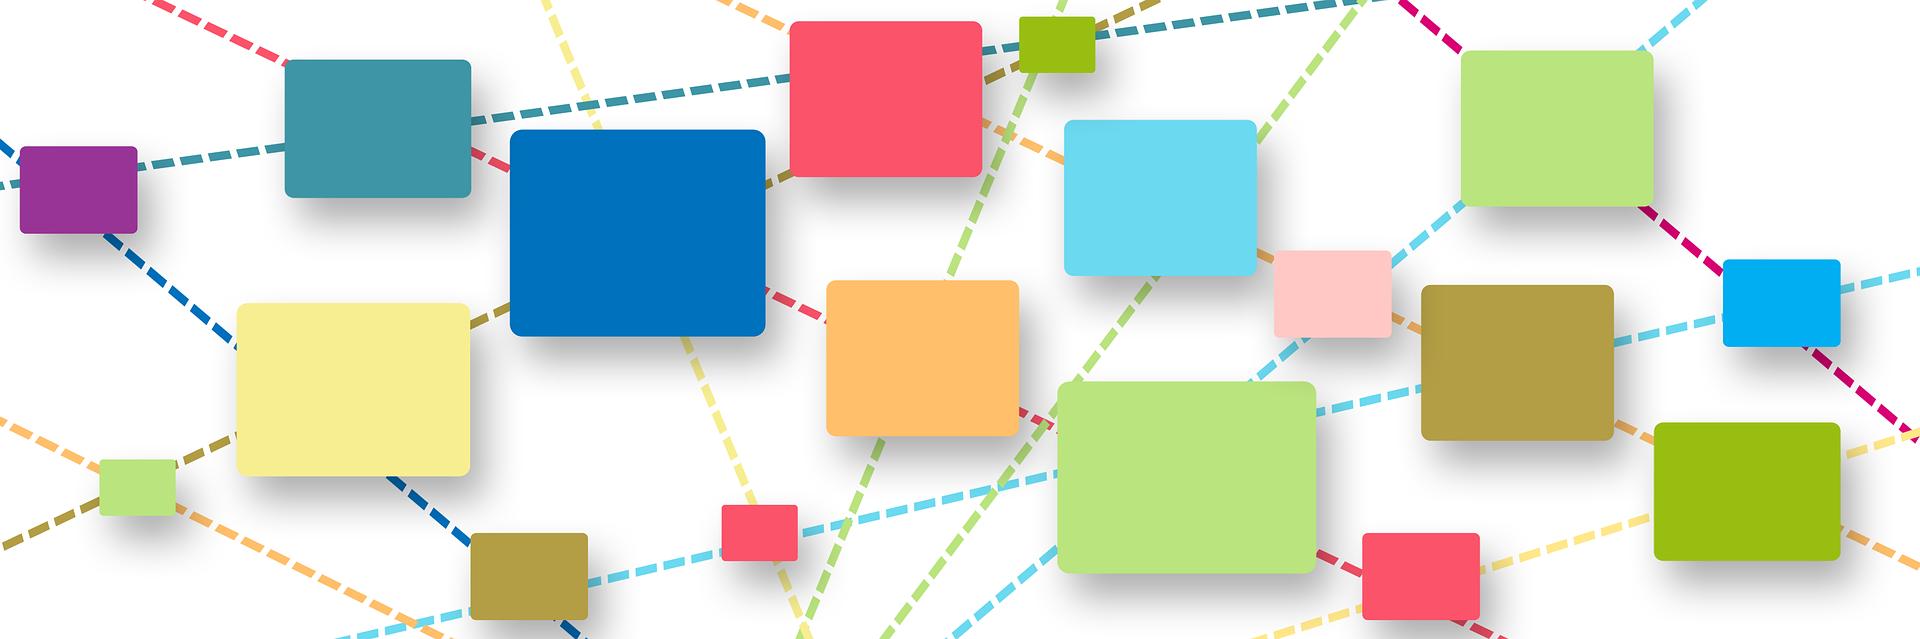 trikampė prekybos sistema